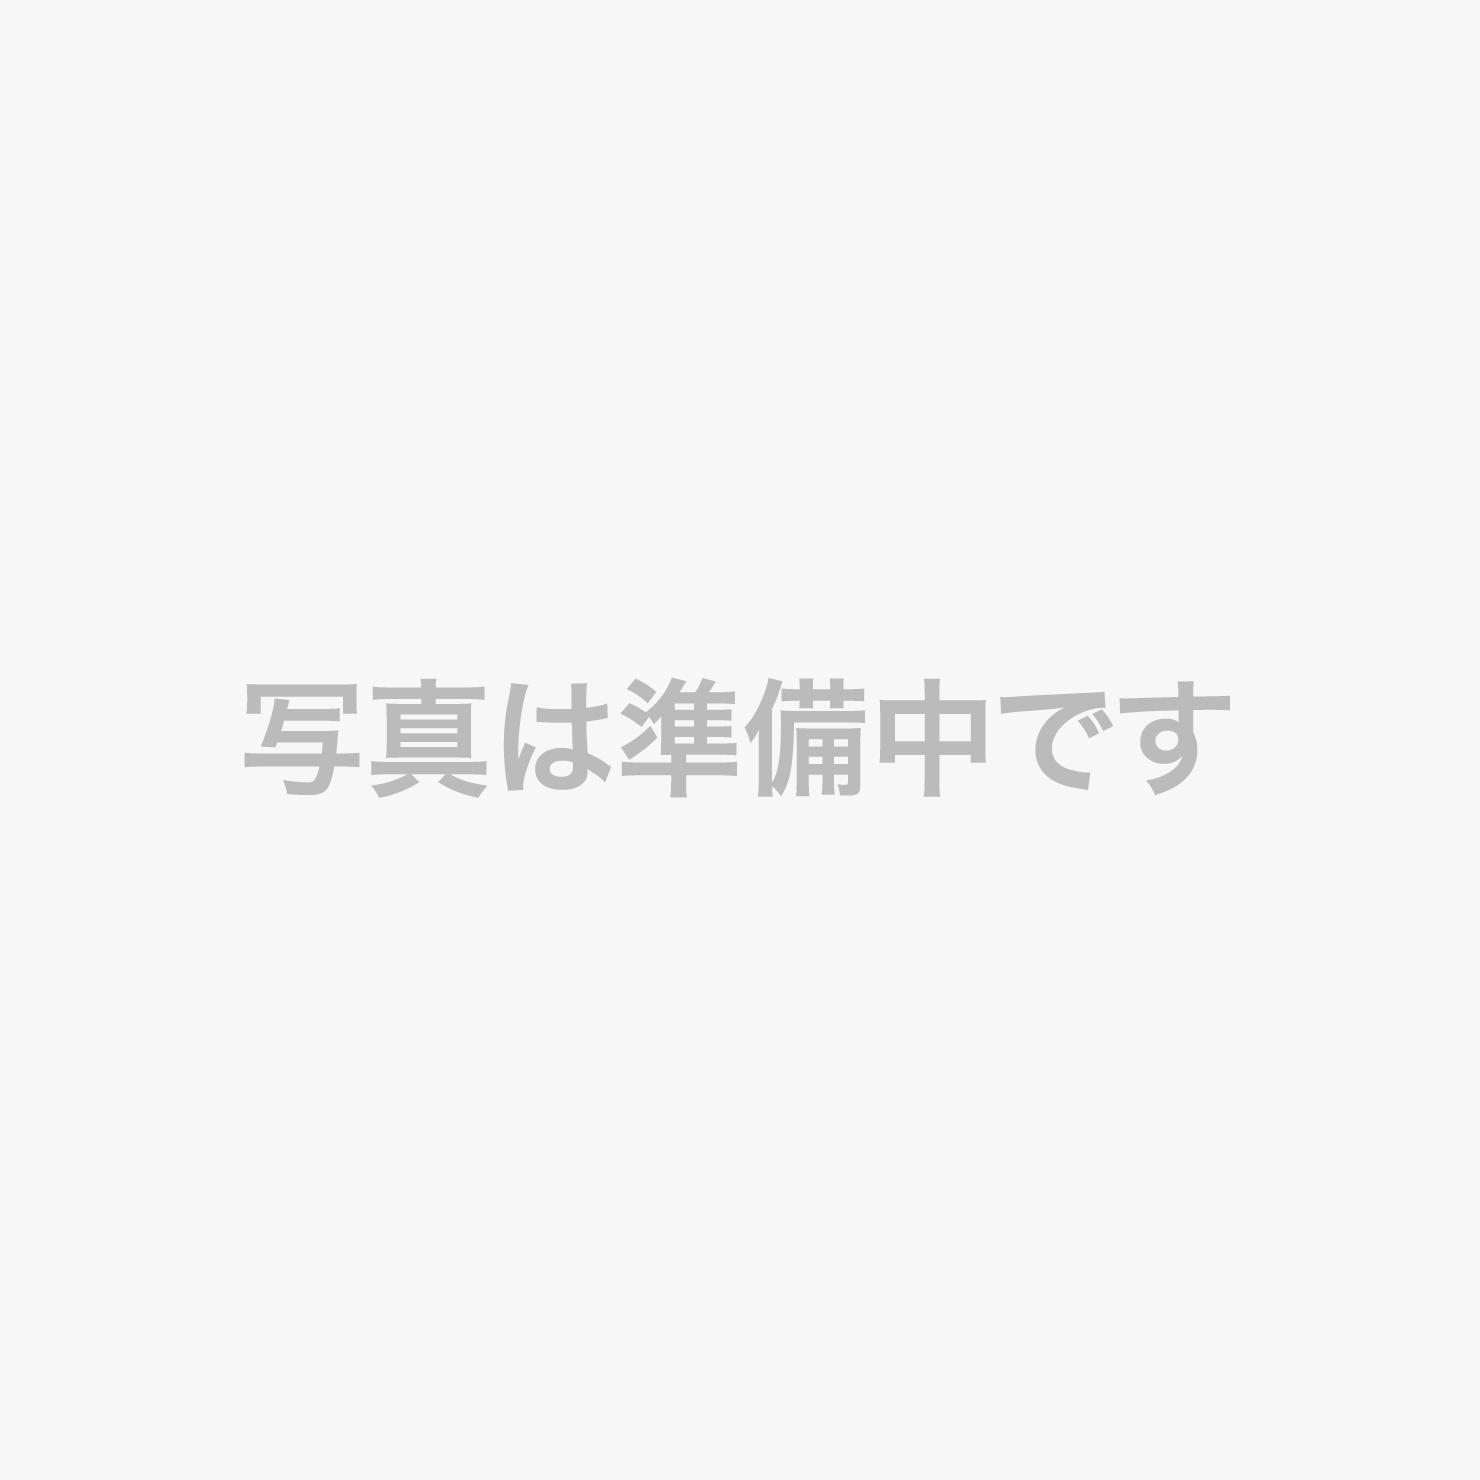 スーペリアツイン*30平米*ゆとりの広さのスーペリアルーム。東側に面した大きな窓から、大阪湾まで広がる大阪方面の景色がきれいにご覧頂けます。